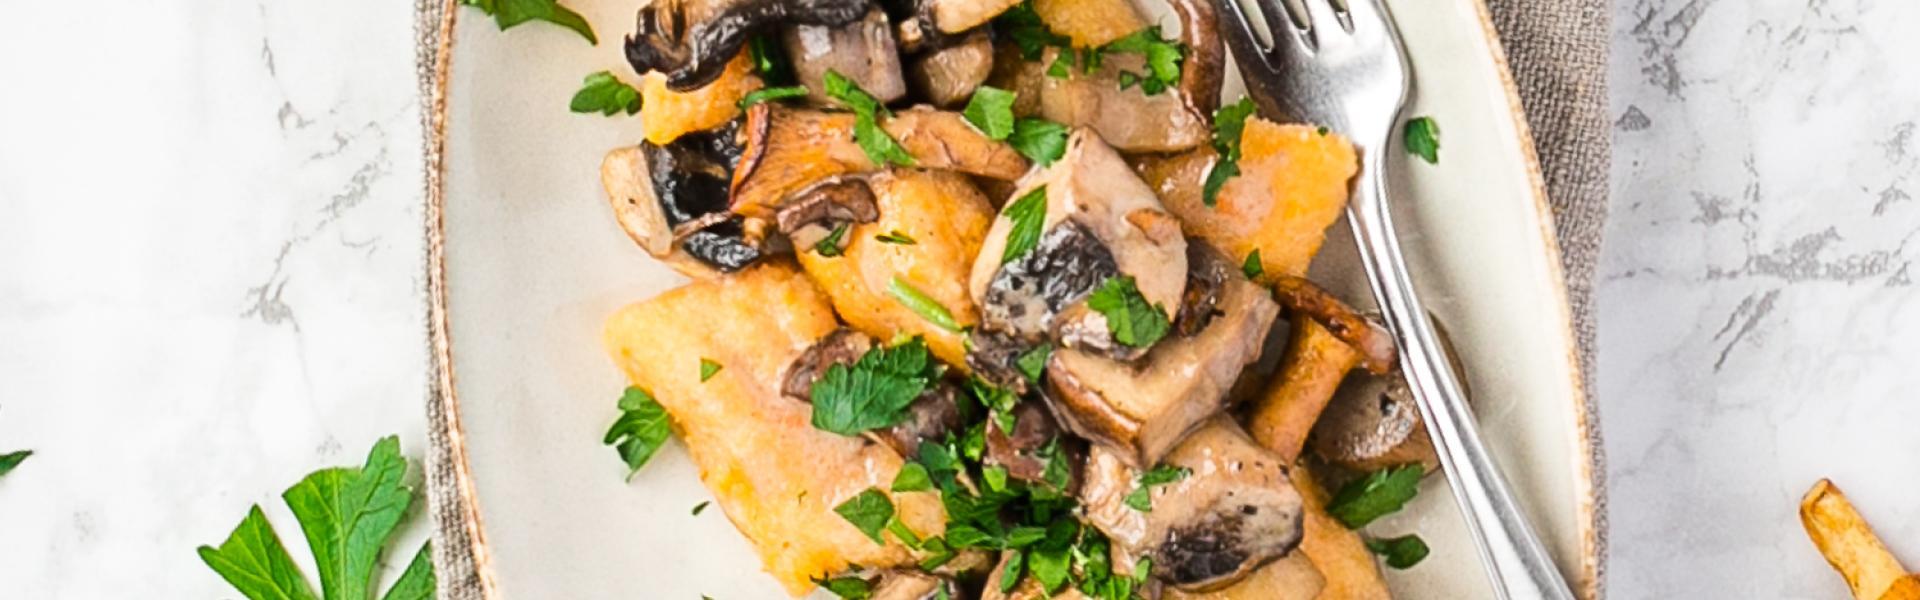 Süßkartoffelgnocchi mit Pilzragout auf einem Teller angerichtet.